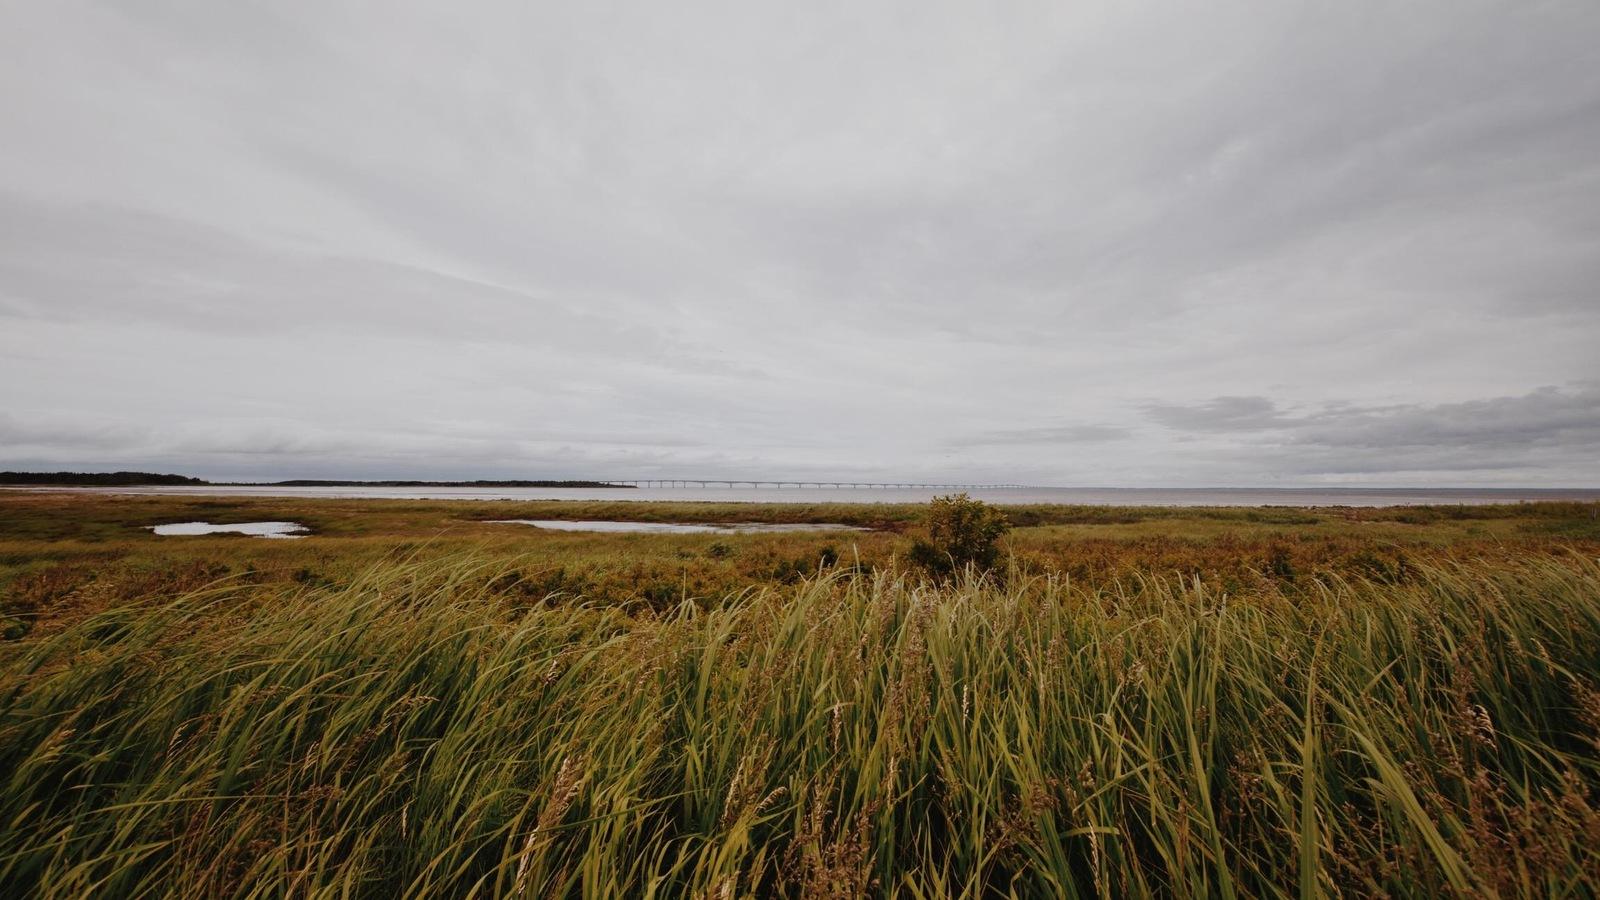 Vue sur le détroit de Northumberland et sur le pont de la Confédération, à l'horizon